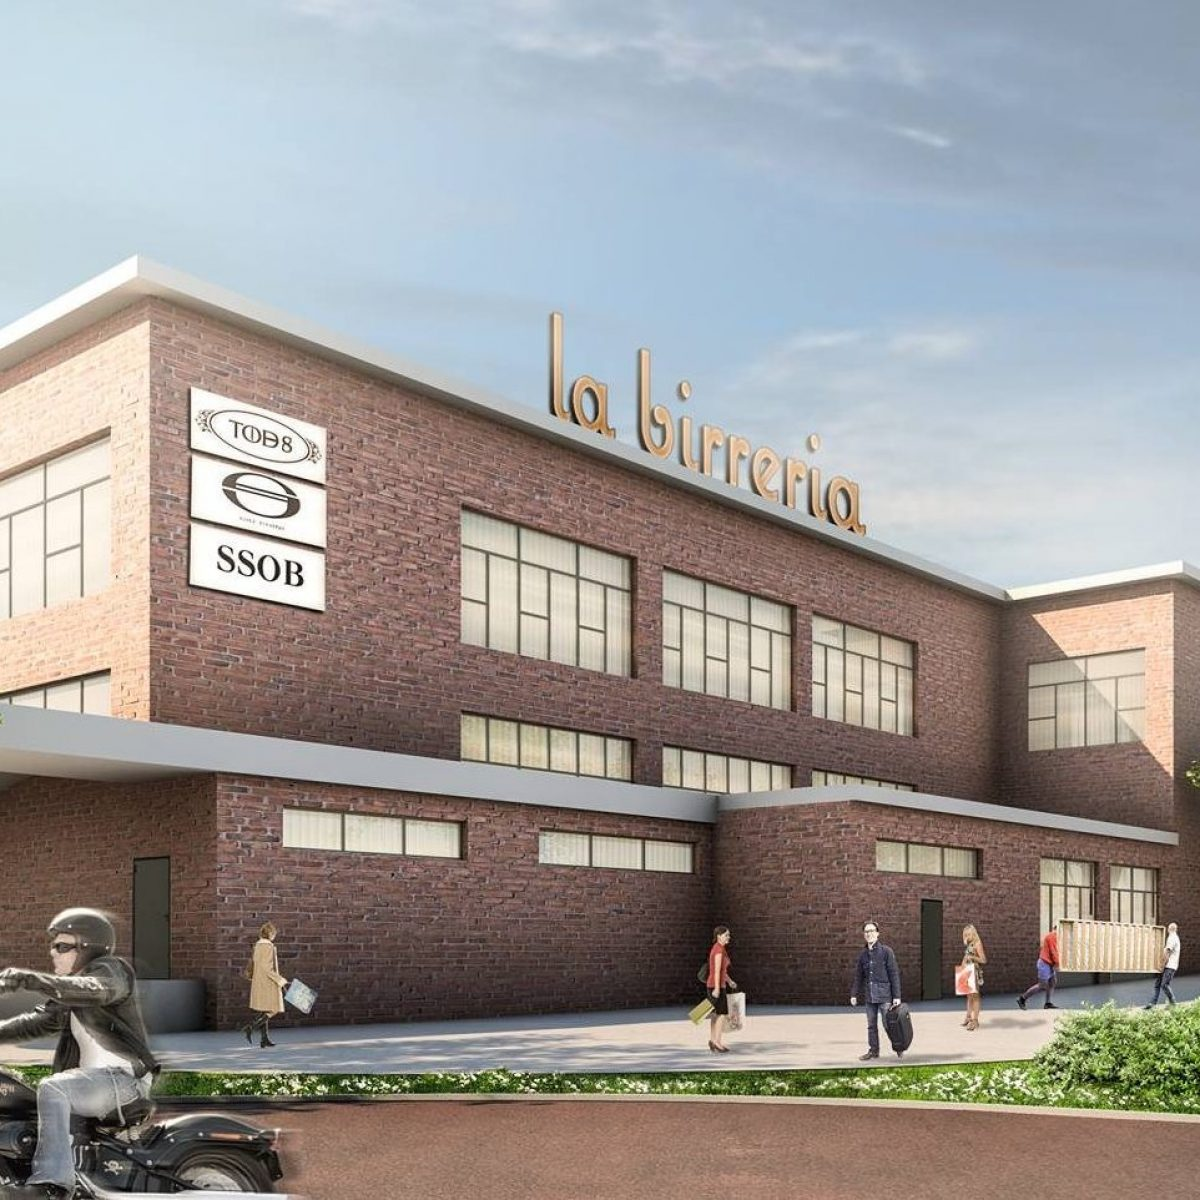 Idea Casa Li Punti centro commerciale la birreria miano: l'elenco completo dei